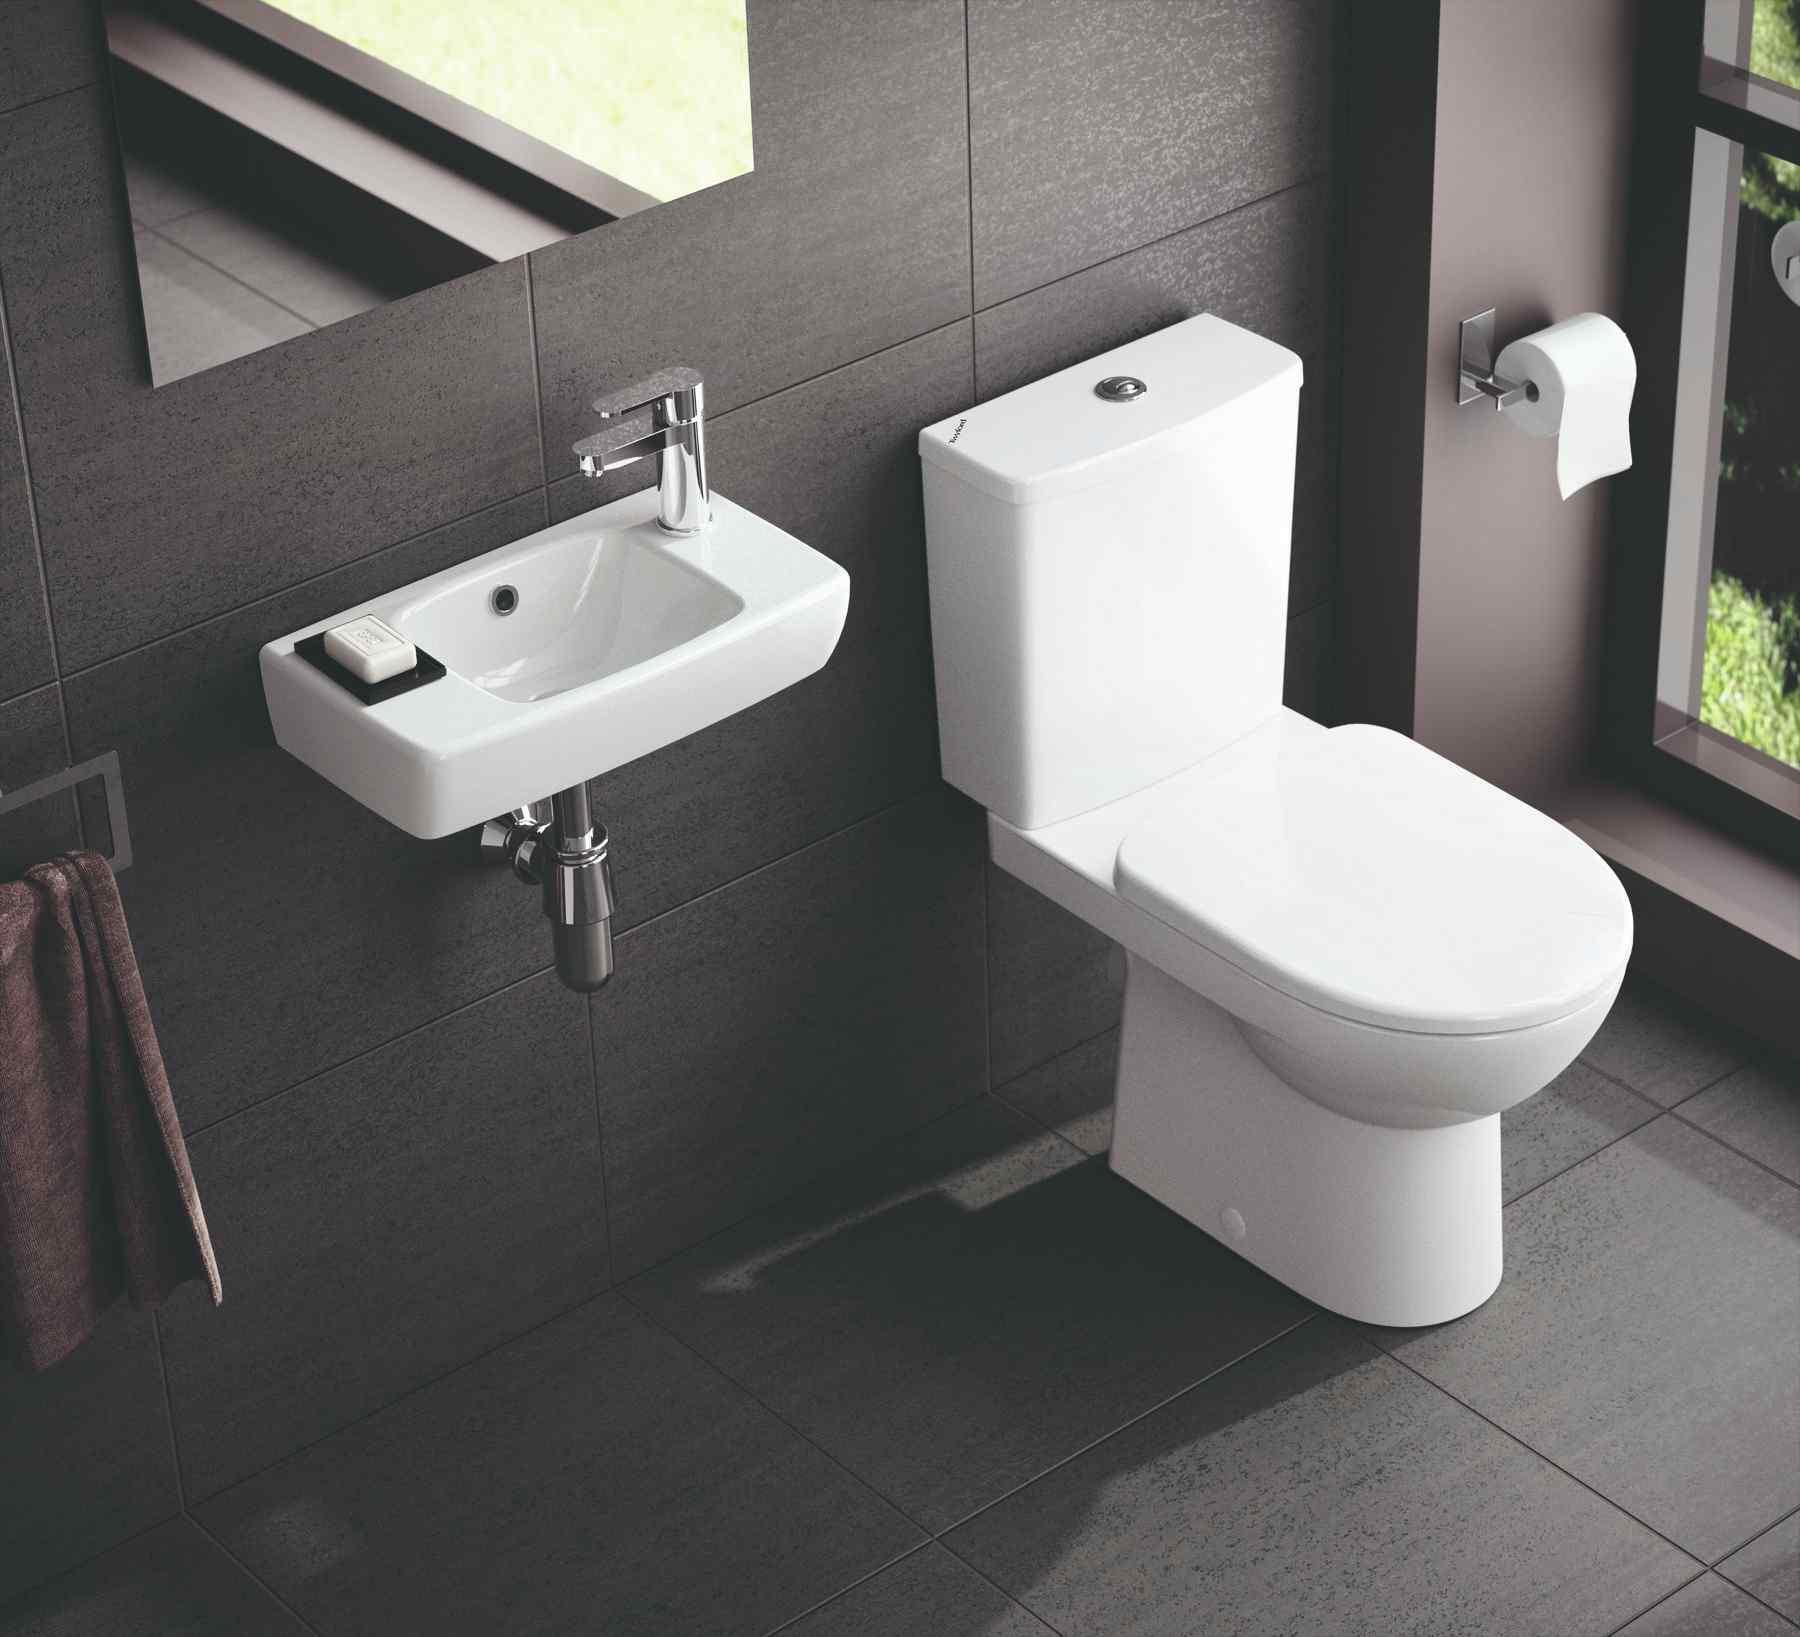 Čierna toaleta s malým umývadielkom